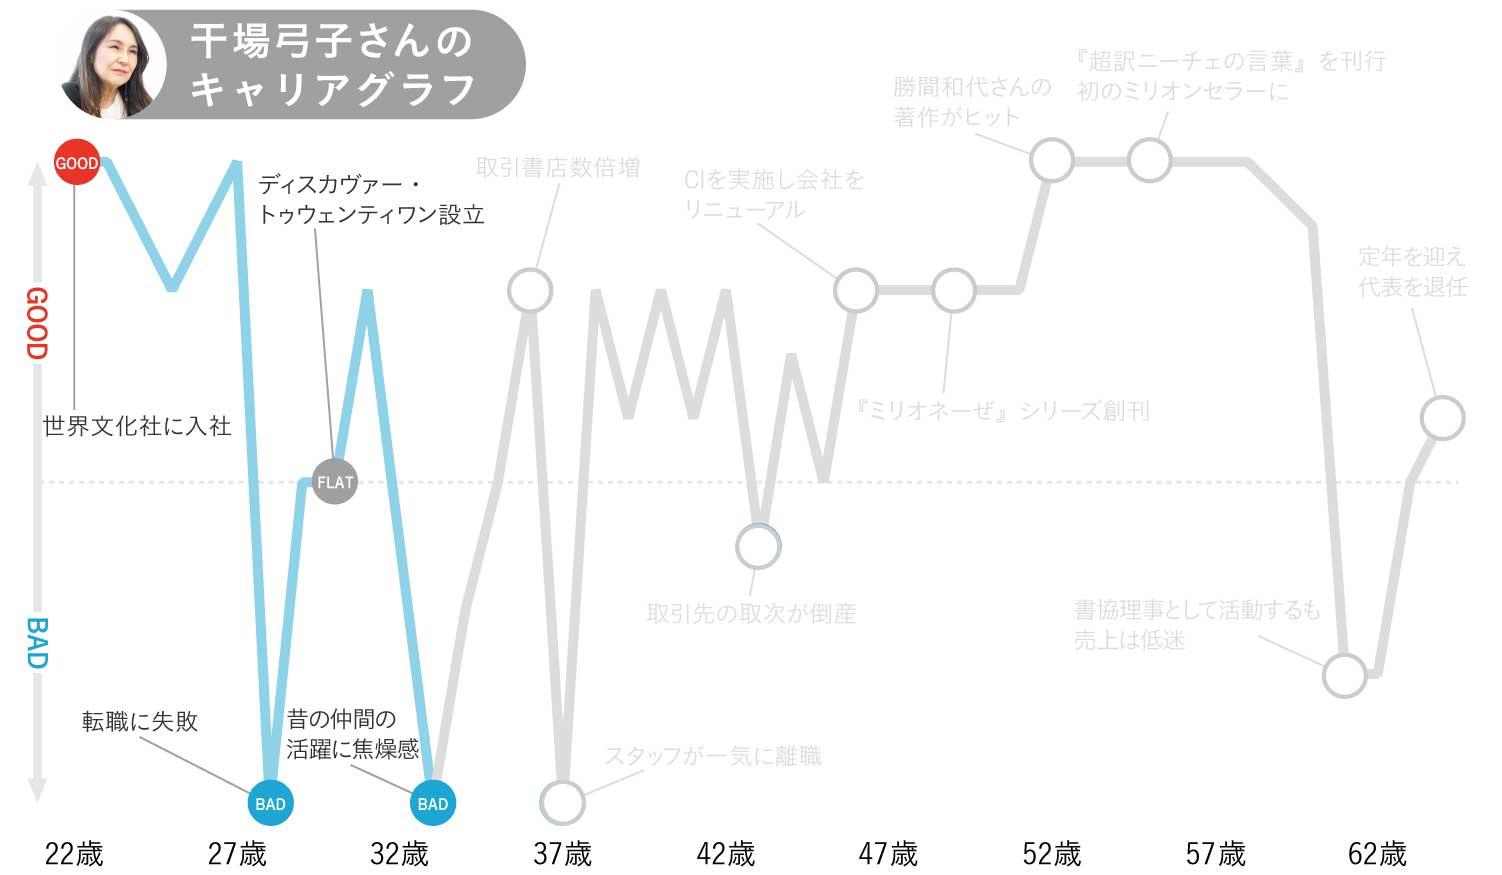 干場弓子さんのキャリアグラフ2